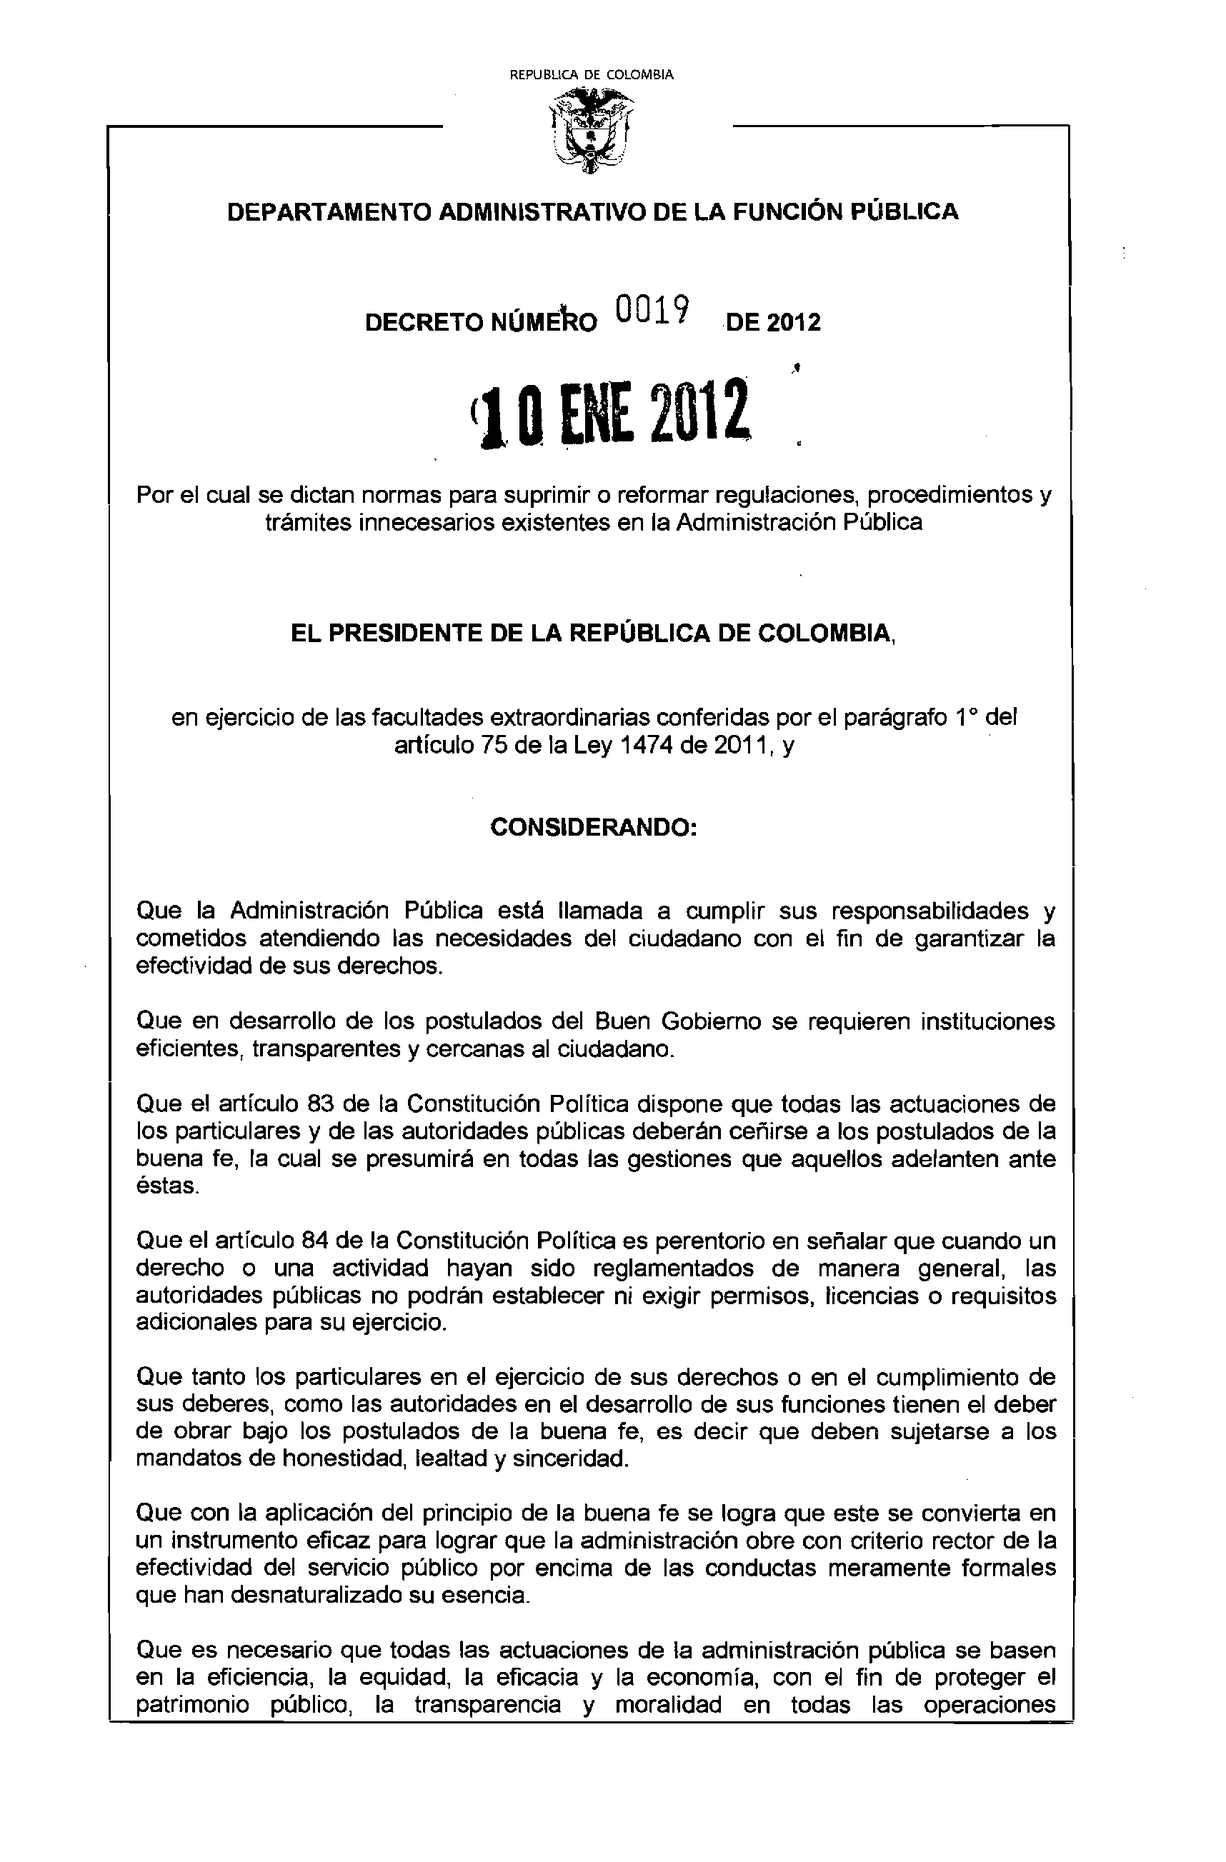 Calaméo - Decreto Ley 0019 de 2012 Suprime y Reforma Trámites